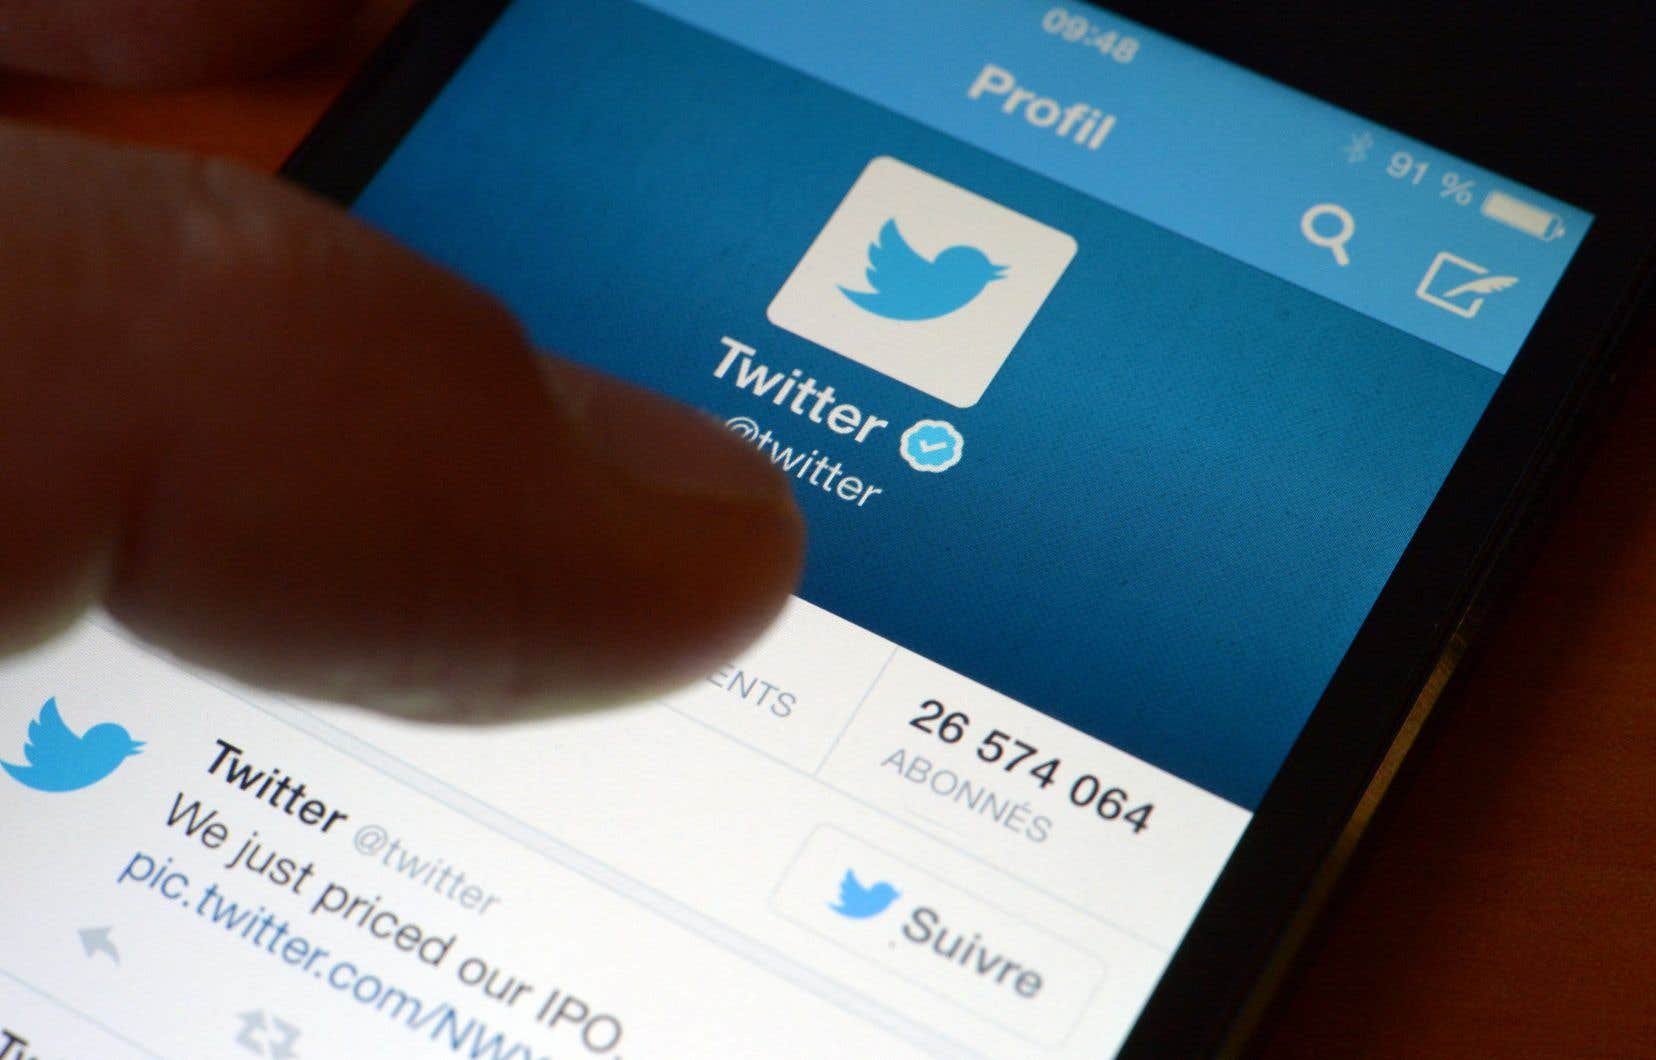 La société basée à San Francisco prévoit d'ajouter d'autres avantages pour les abonnés, mais elle a précisé que le Twitter gratuit ne disparaissait pas, «et ne disparaîtra jamais».